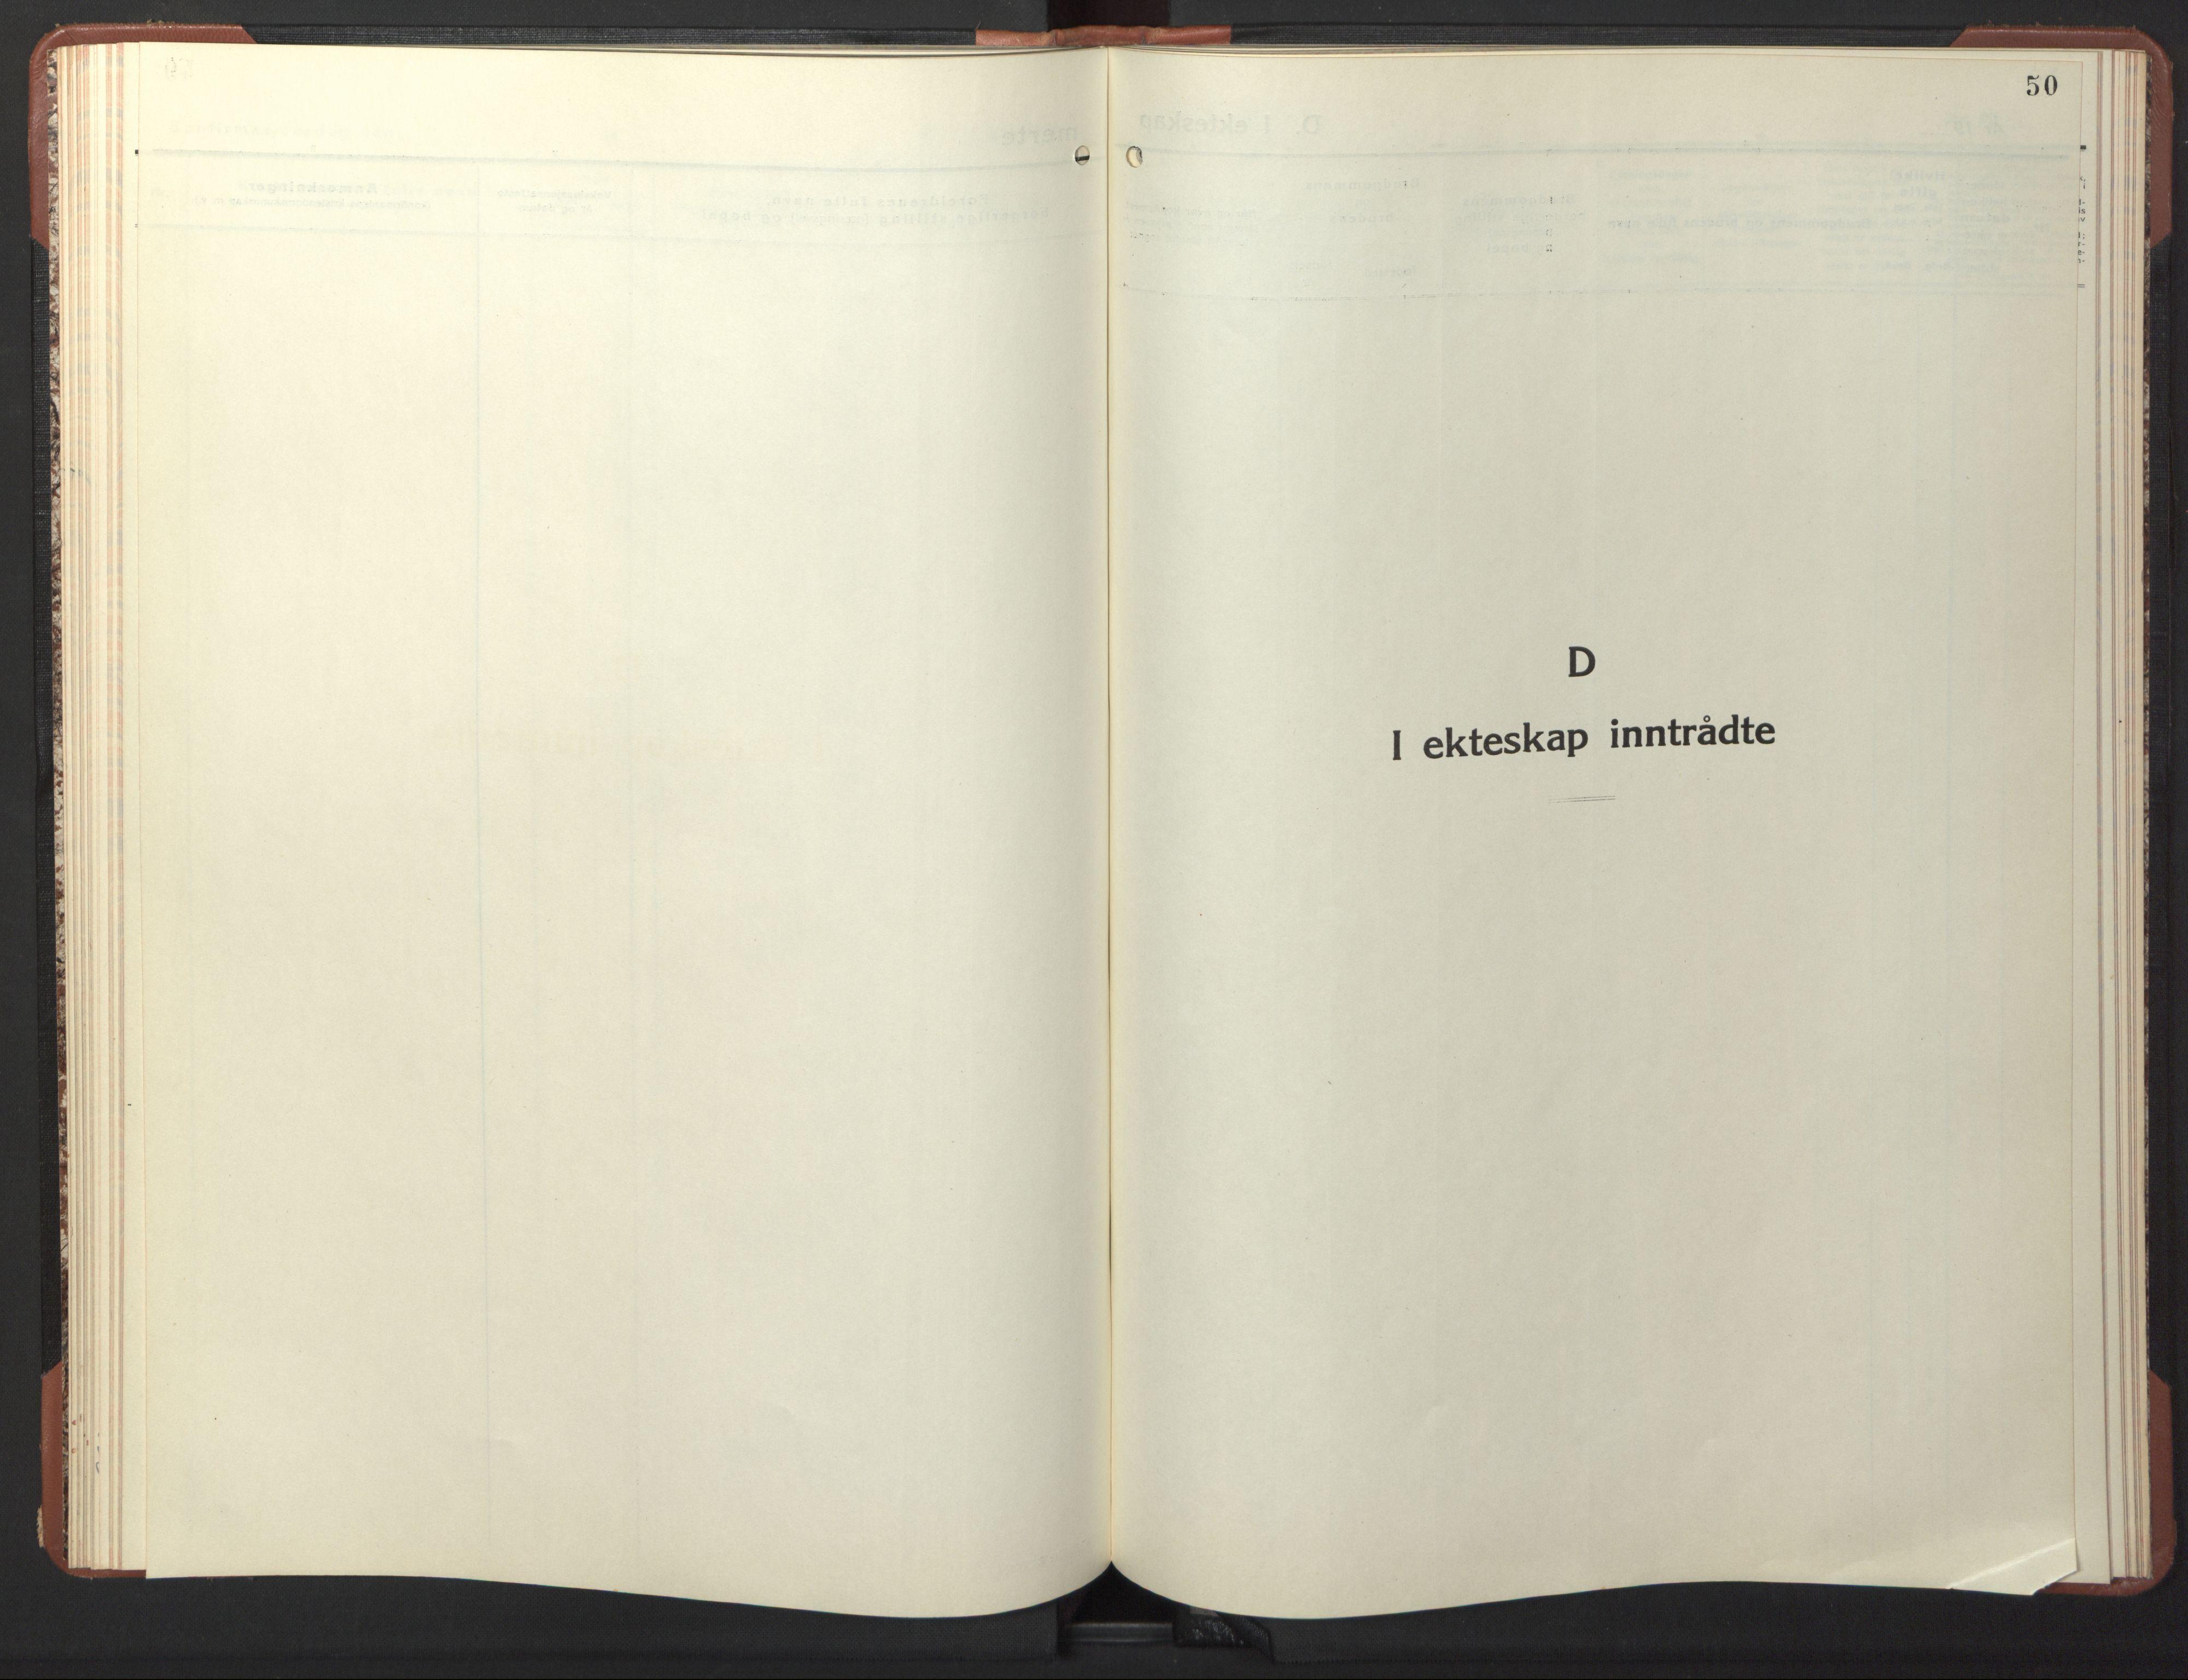 SAT, Ministerialprotokoller, klokkerbøker og fødselsregistre - Sør-Trøndelag, 617/L0433: Klokkerbok nr. 617C04, 1942-1947, s. 50